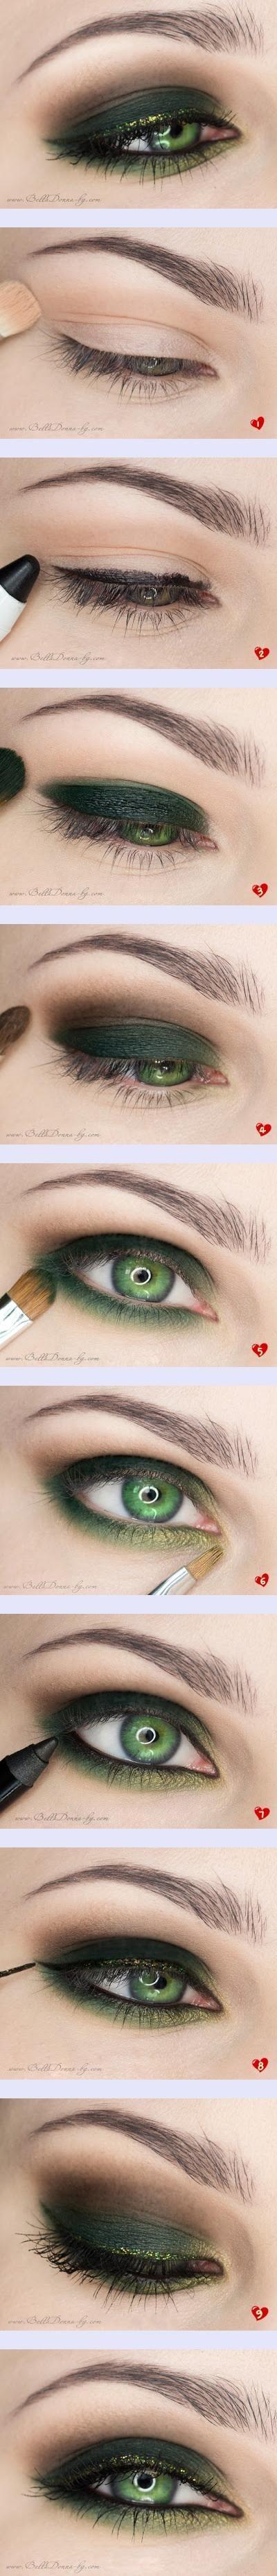 макияж для зеленых глаз 13